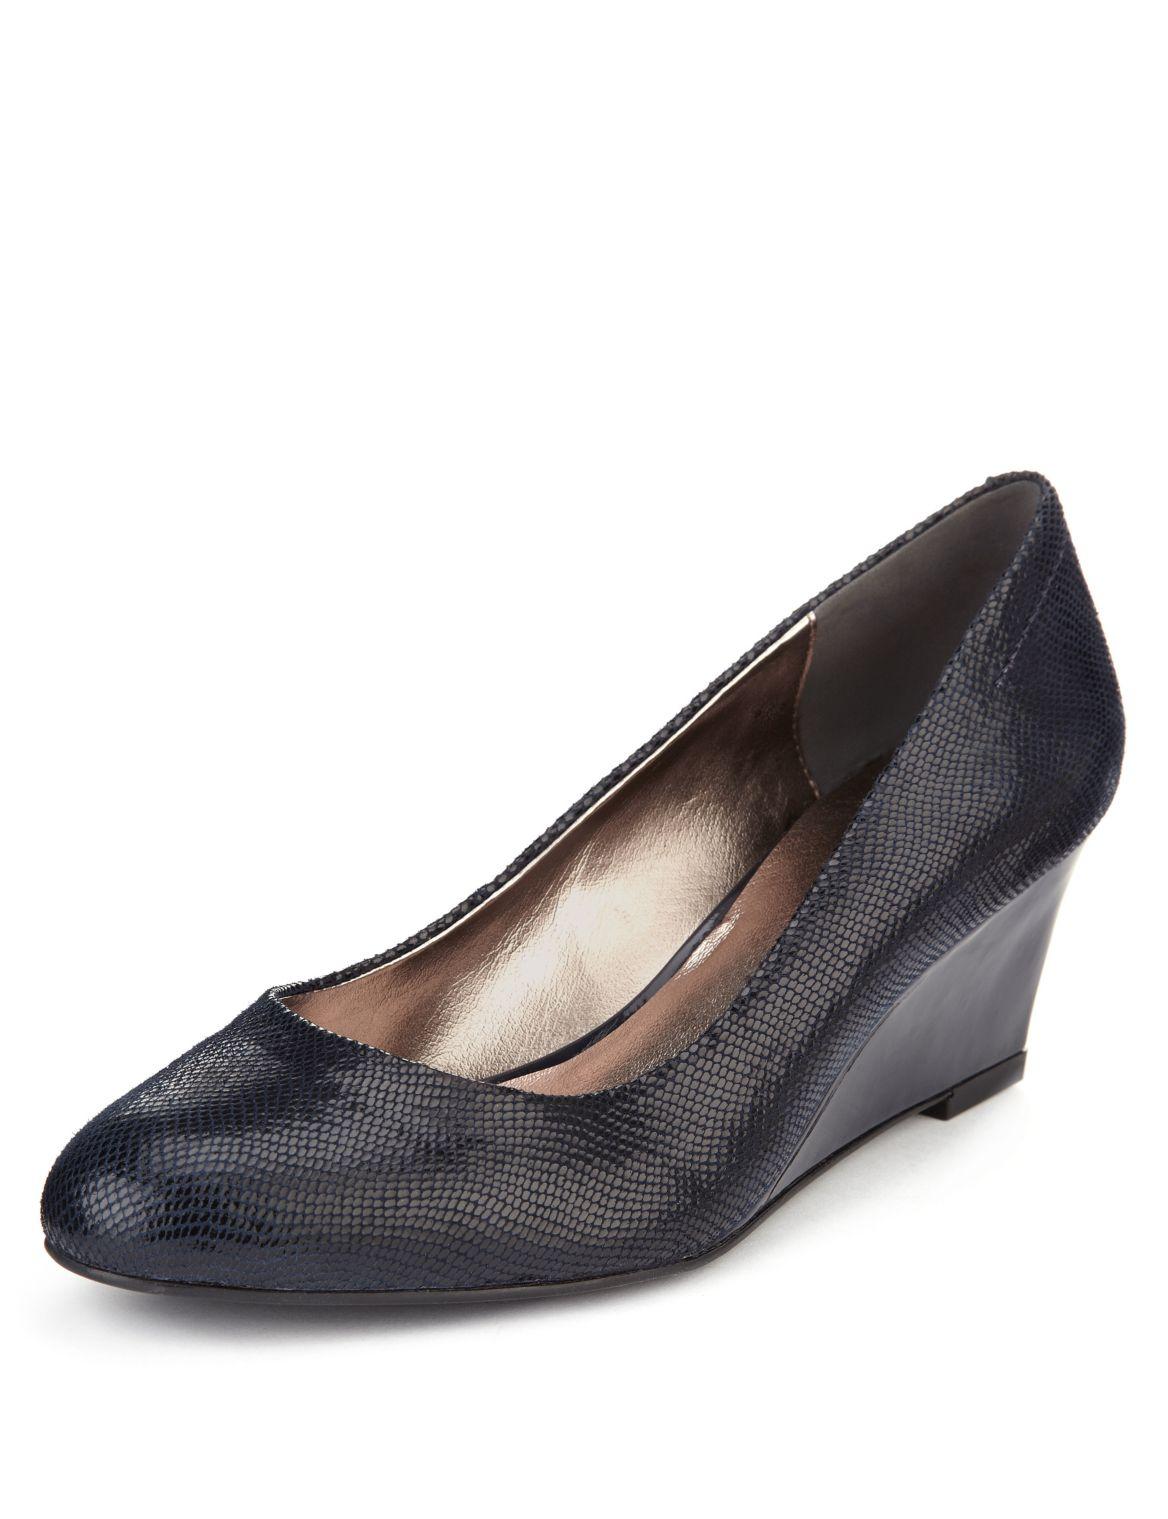 Mujer Zapatos y botas Zapatos de piel